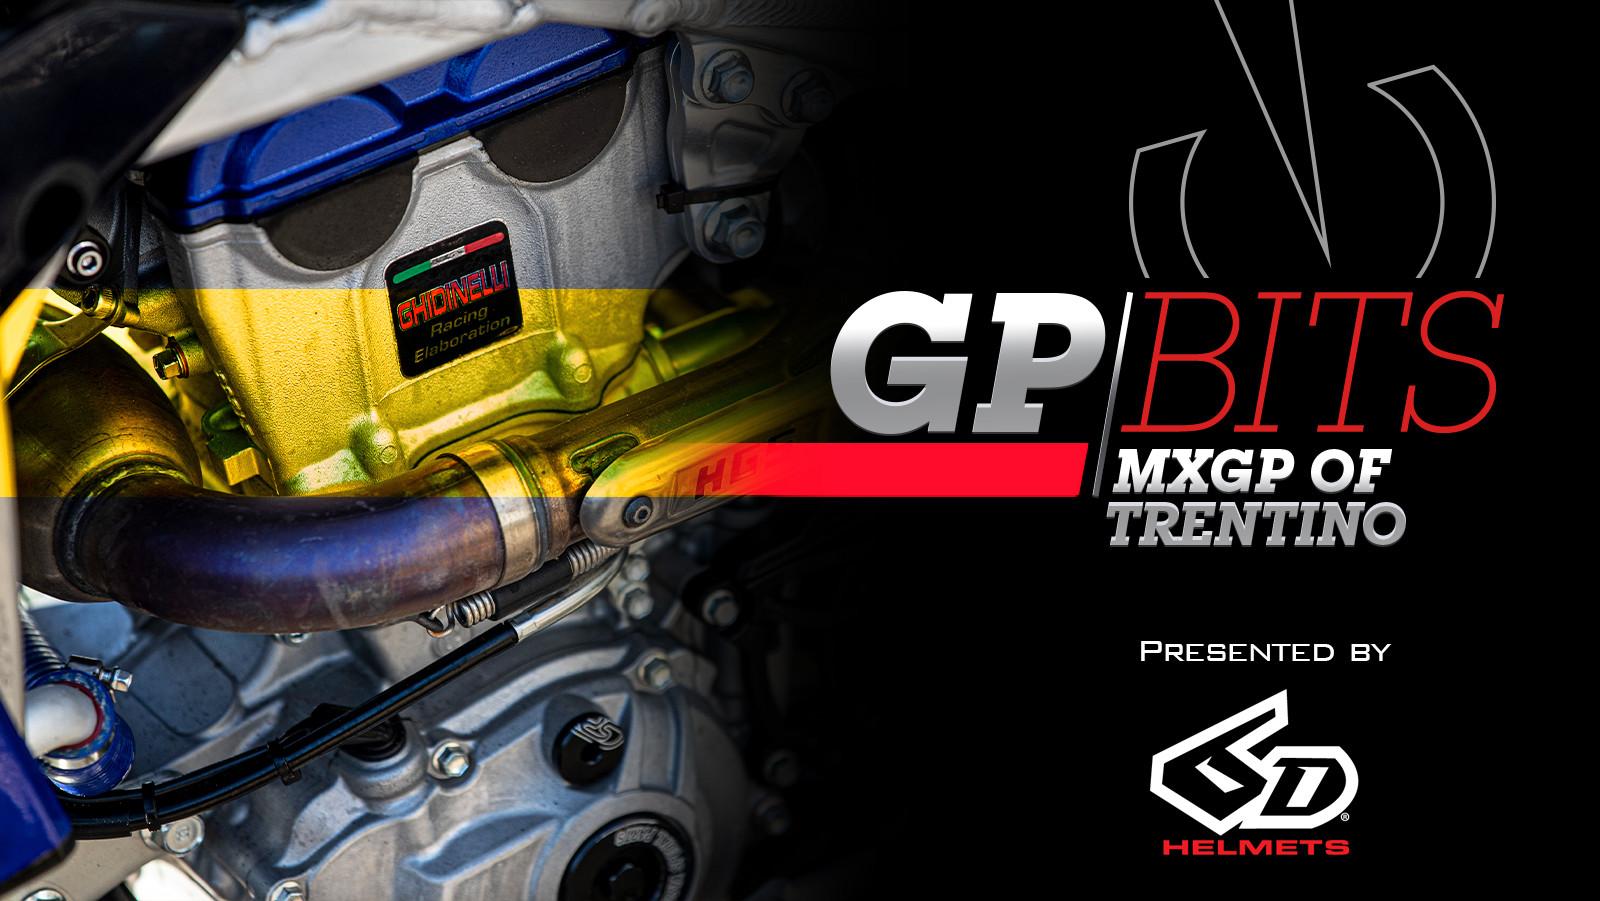 GP Bits: MXGP of Trentino | Round 16